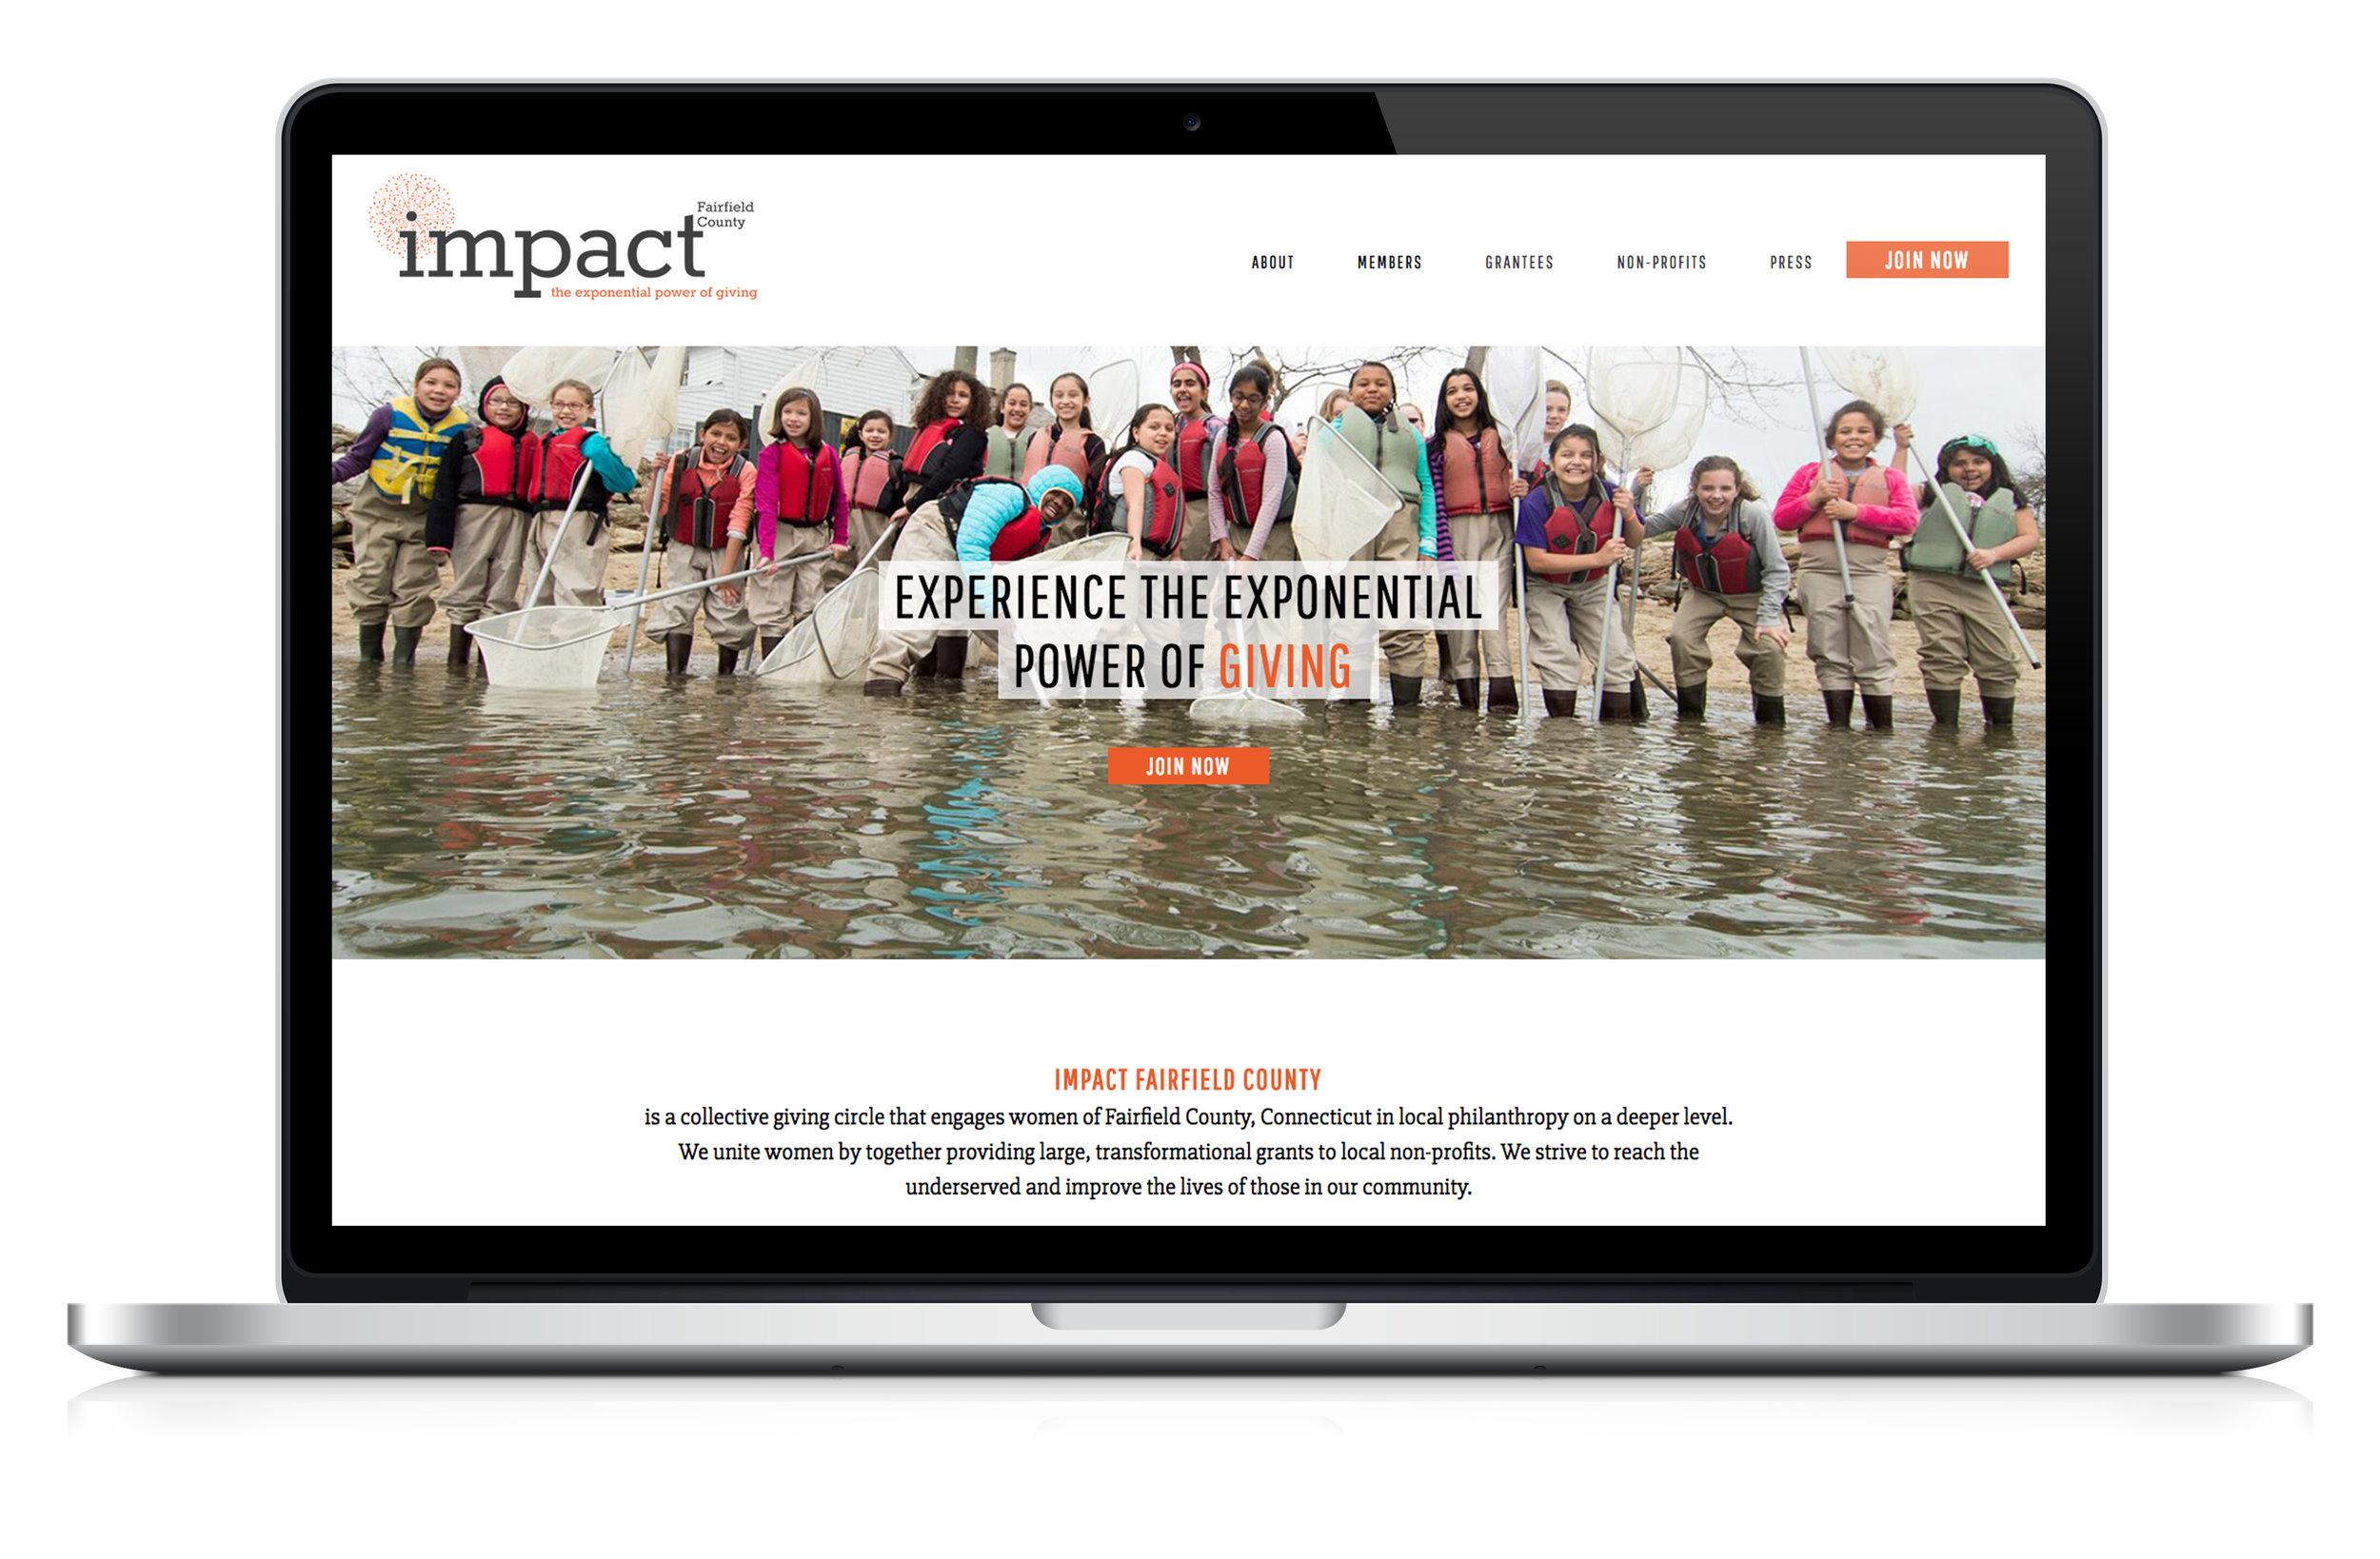 impact fcc -